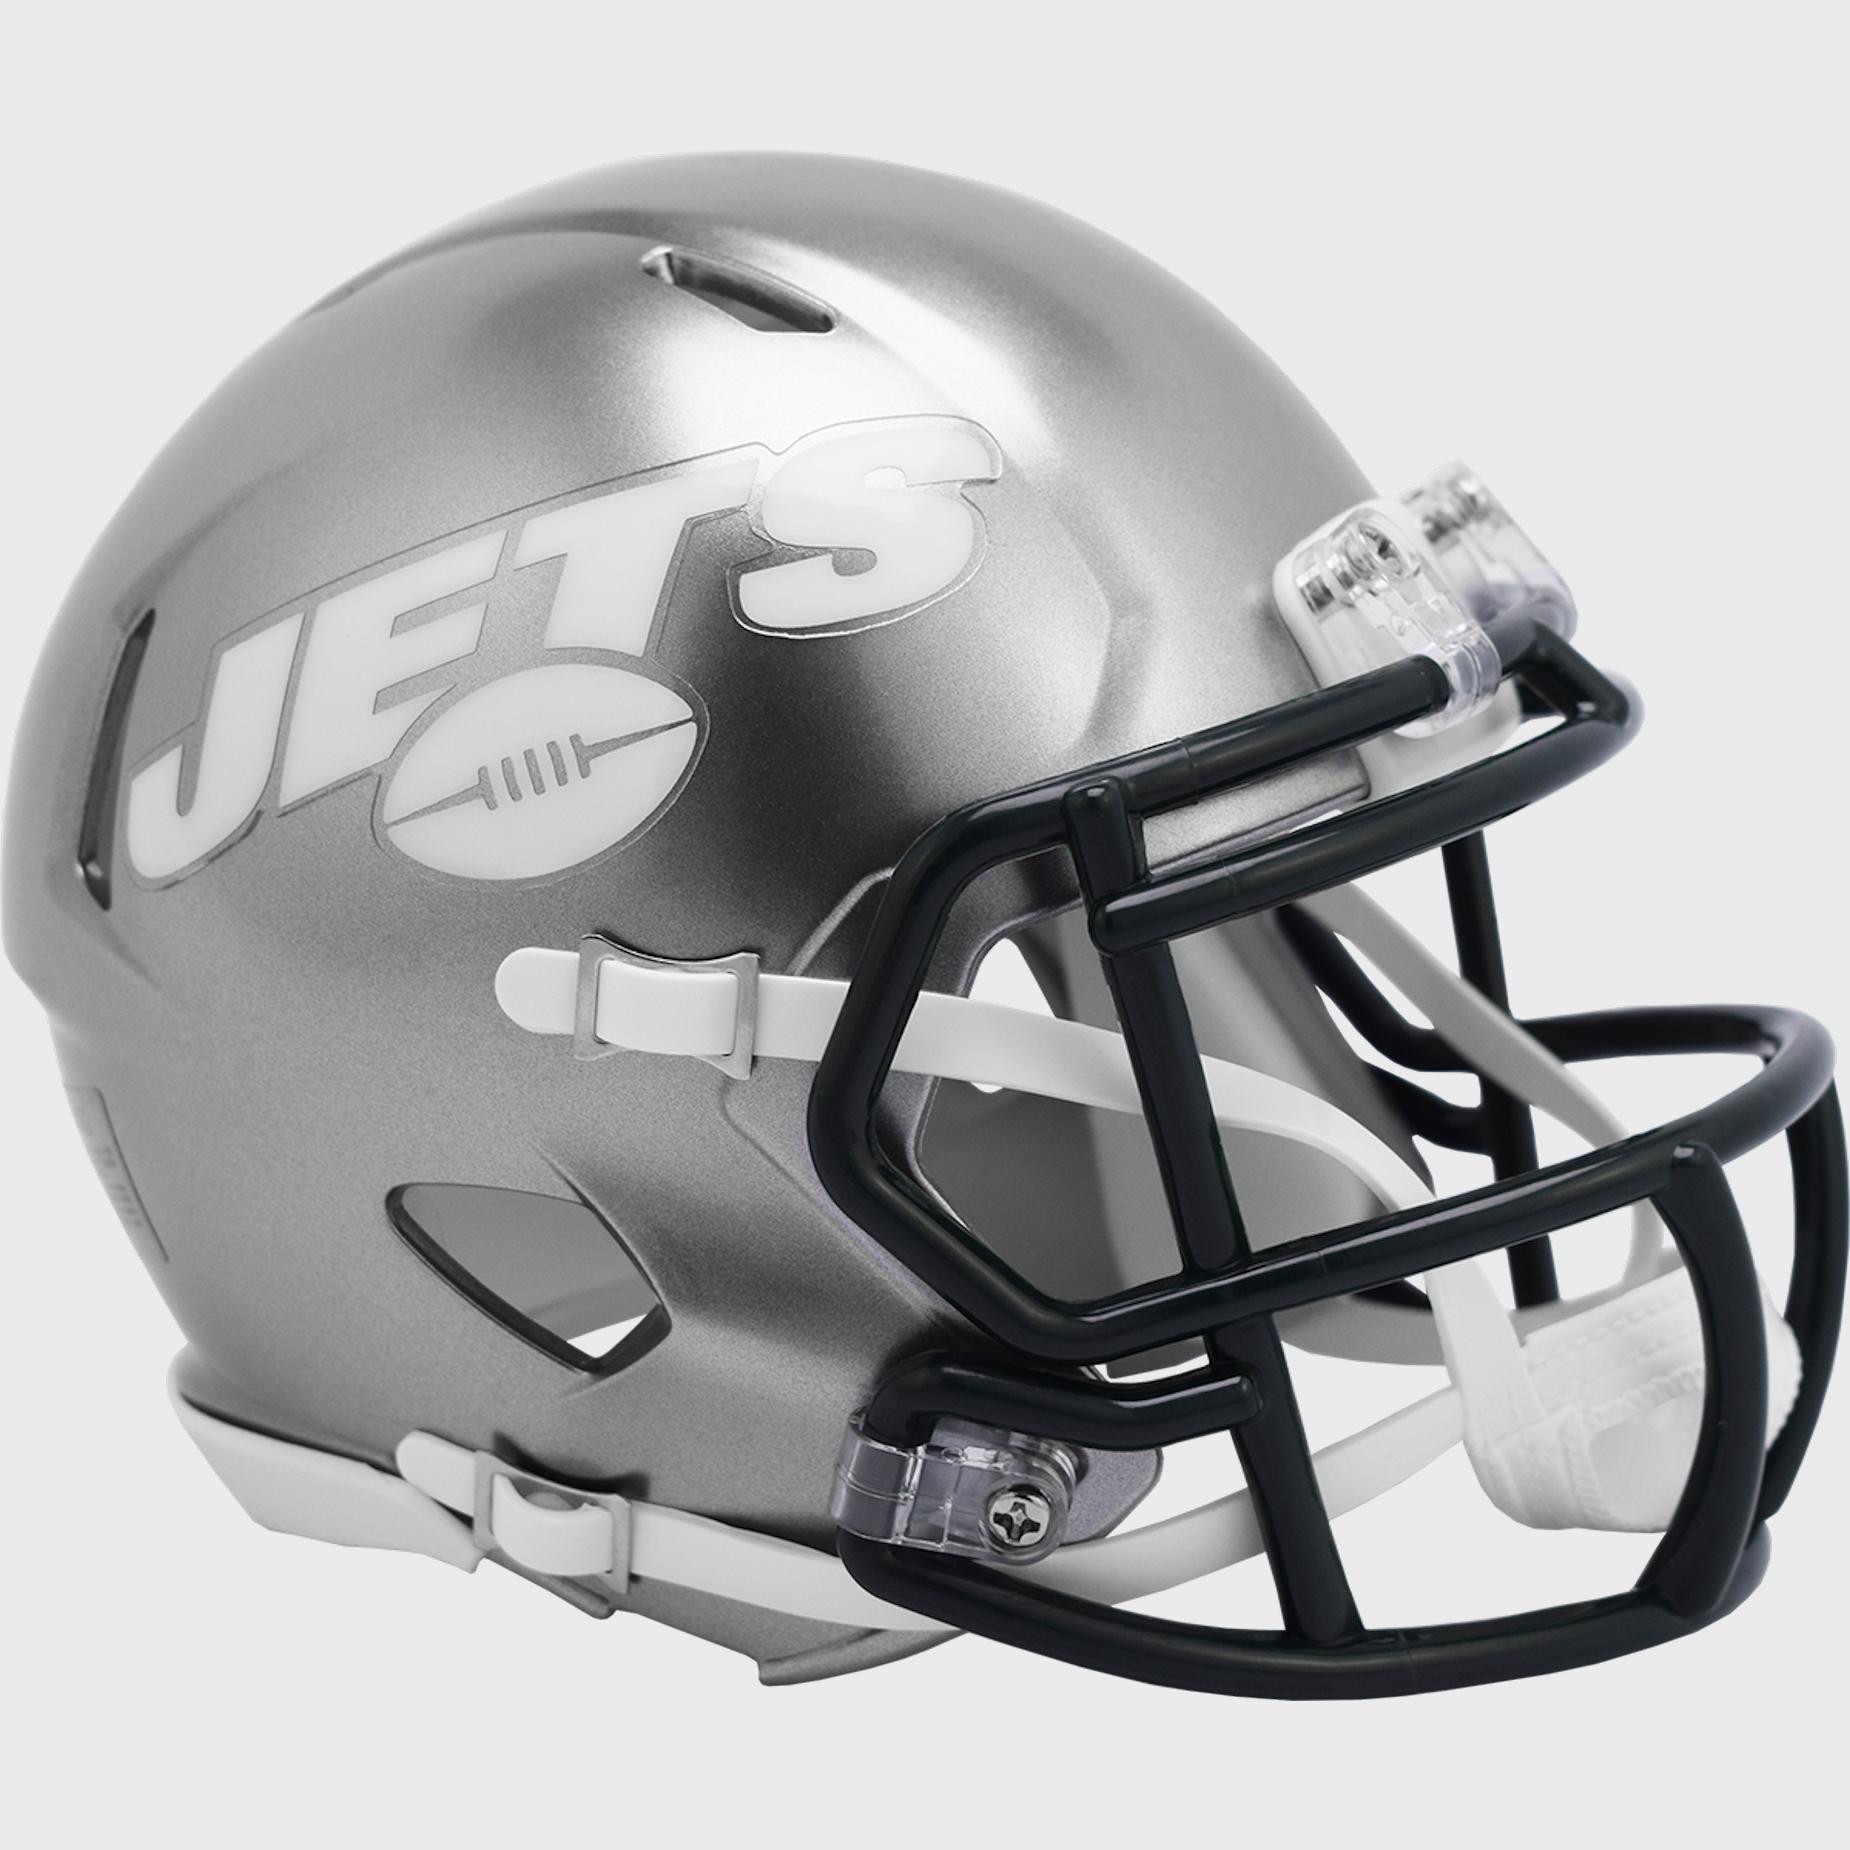 New York Jets Speed Mini Football Helmet <B>FLASH ESD 8/21/21</B>